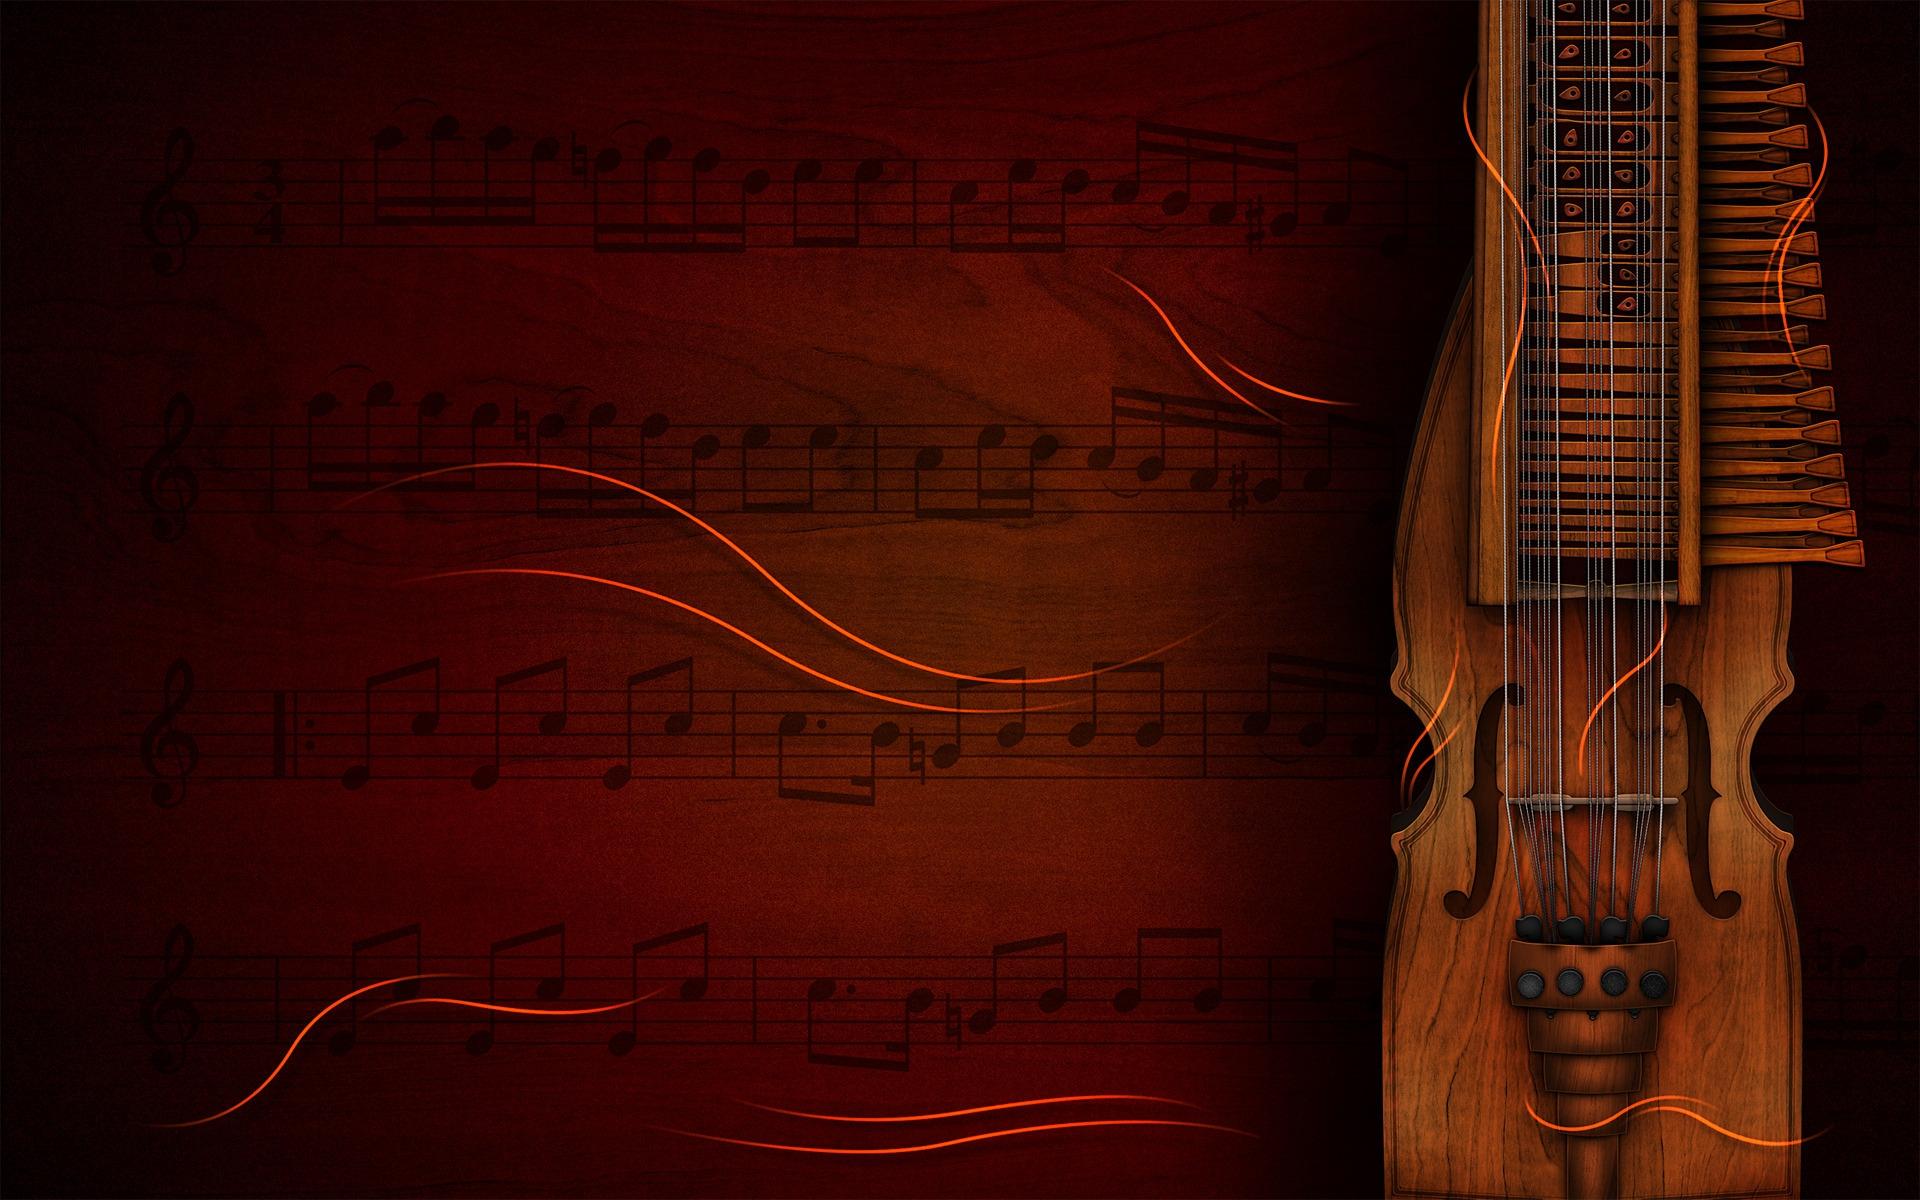 Wallpaper de Música Clásica